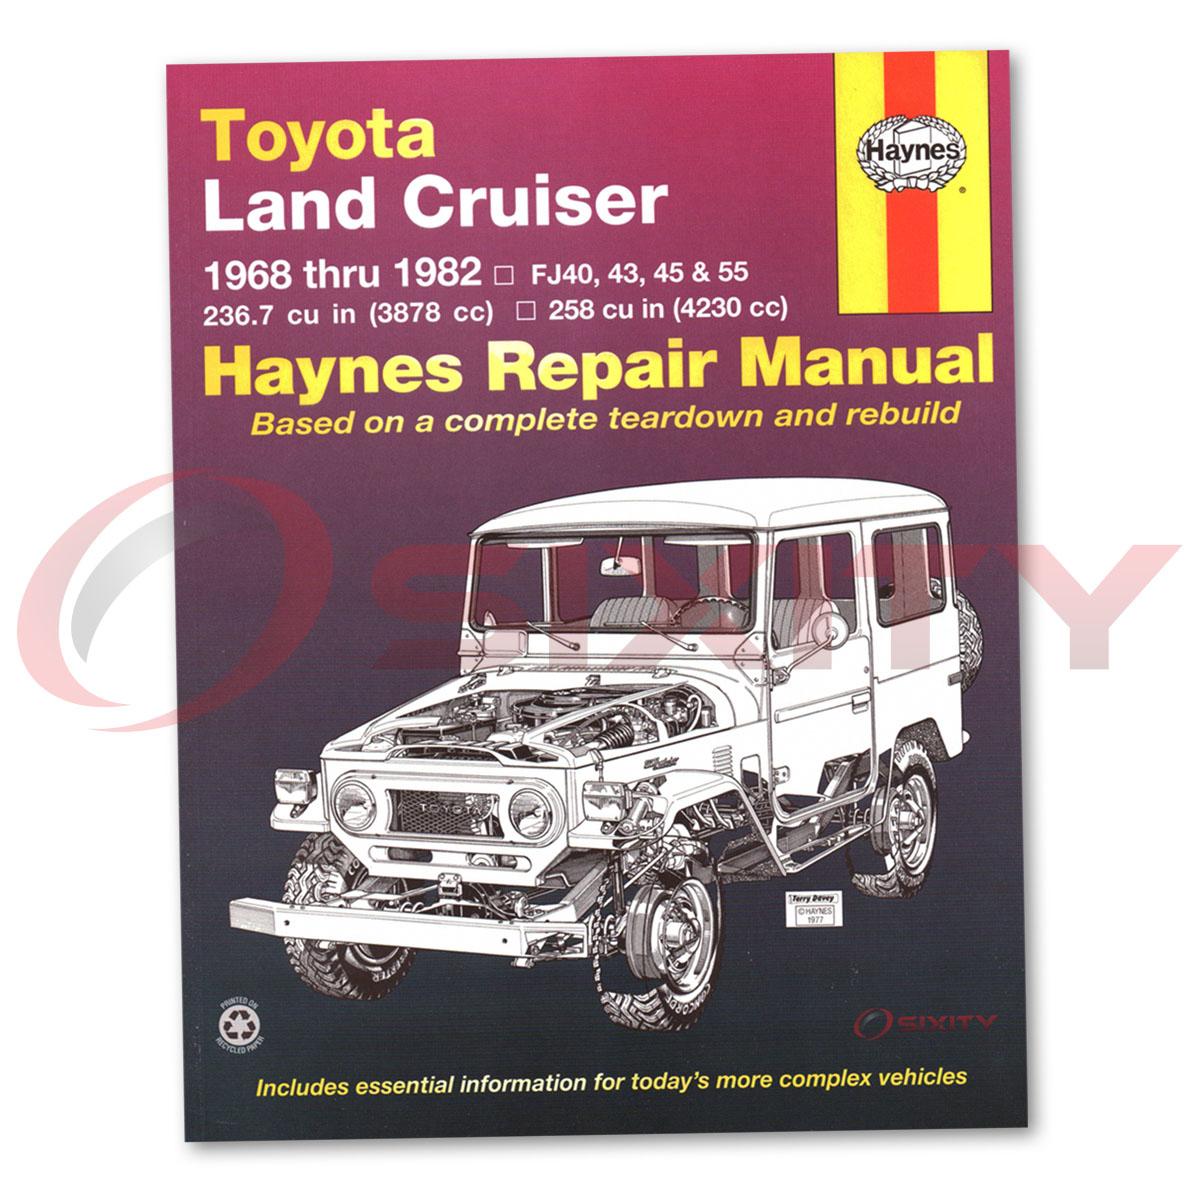 haynes repair manual 92055 for toyota land cruiser fj40 43 45 55 60